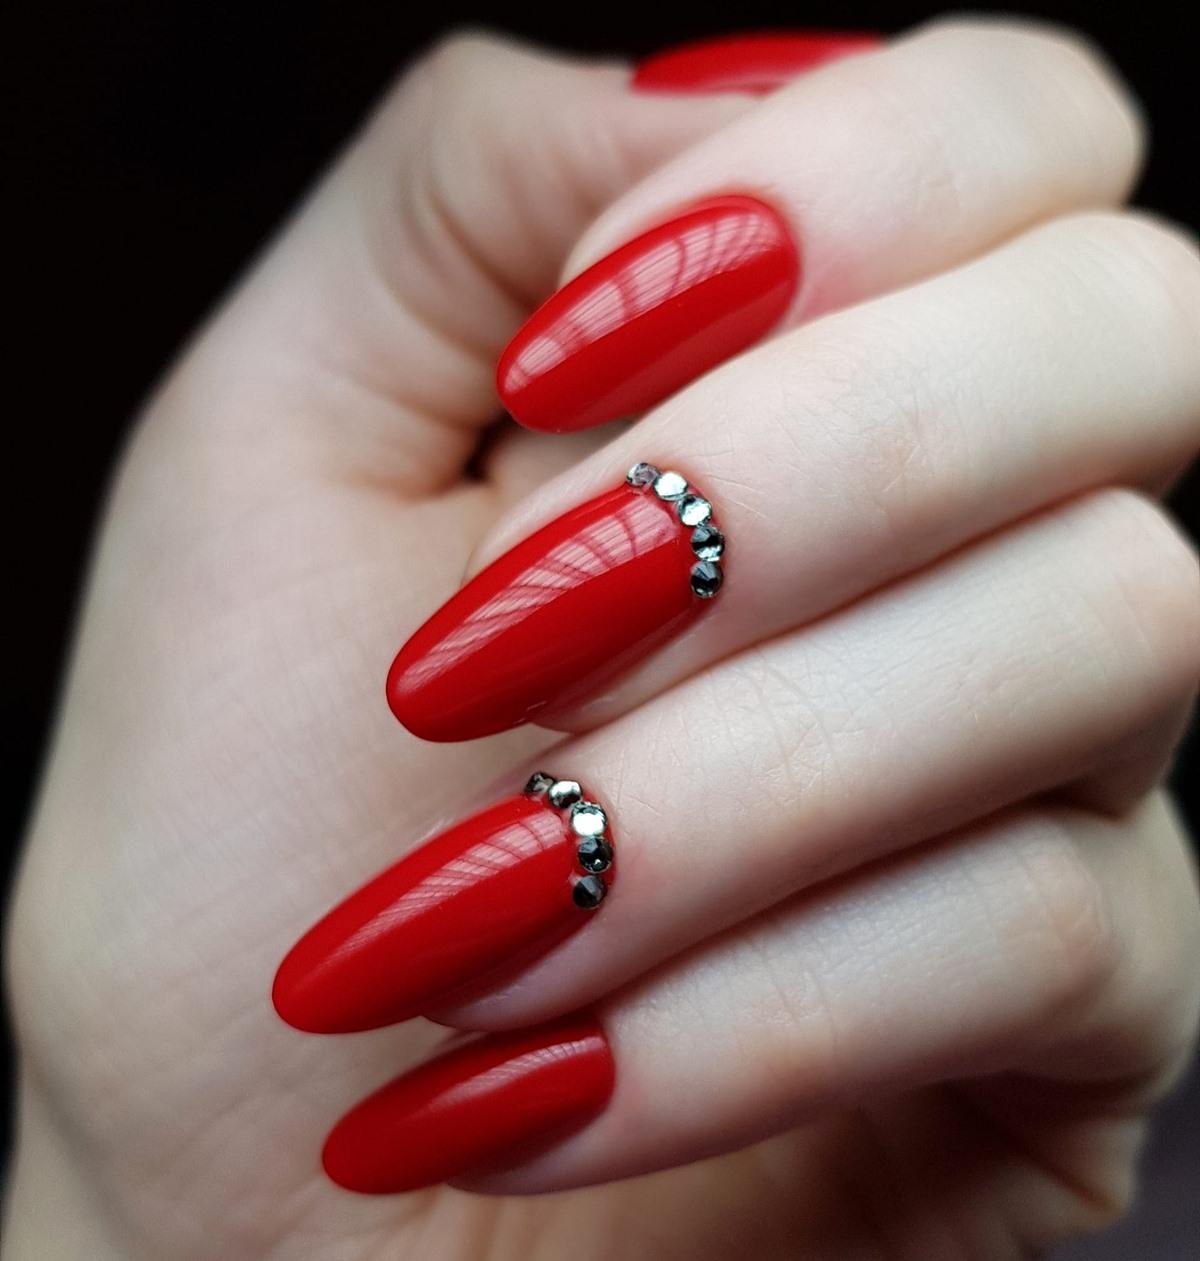 czerwone paznokcie z kamyczkami